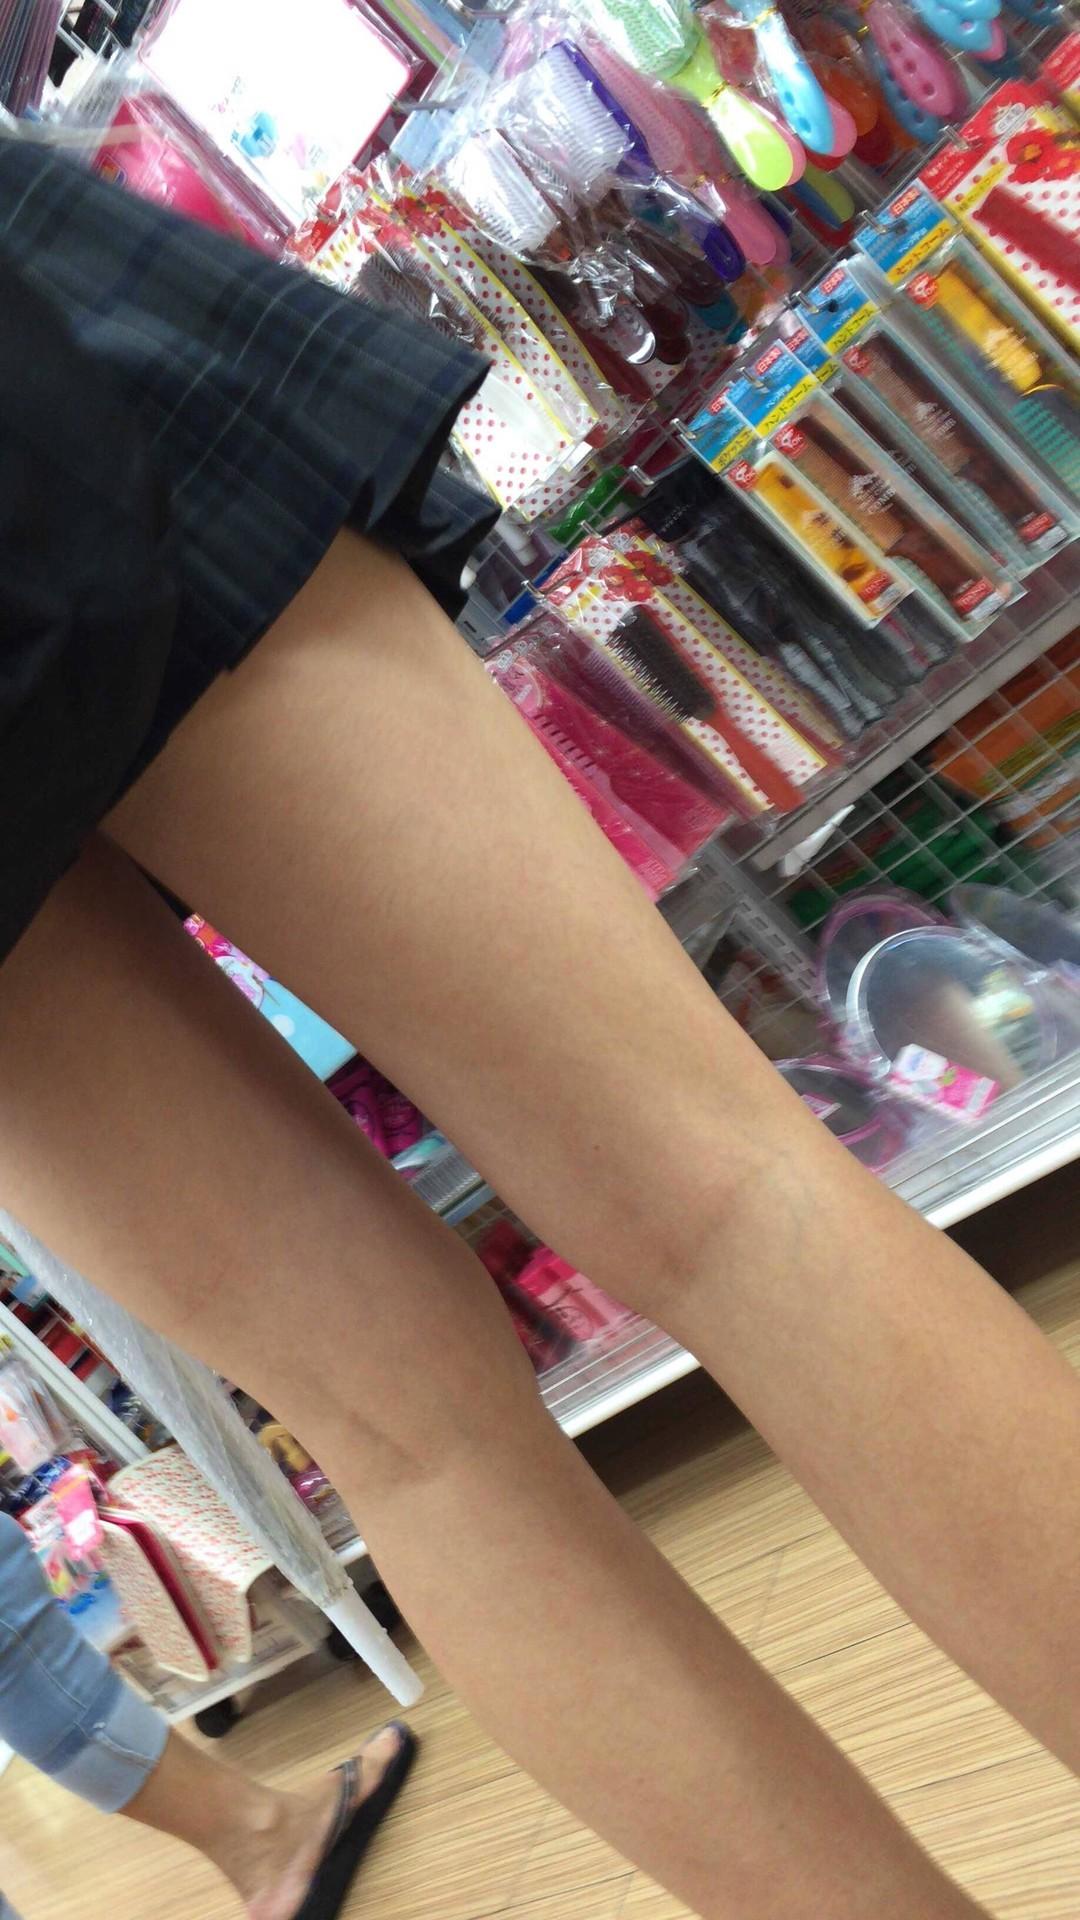 パンツが見えなくても抜ける女の子の太ももエロ画像 uO4Bu1B